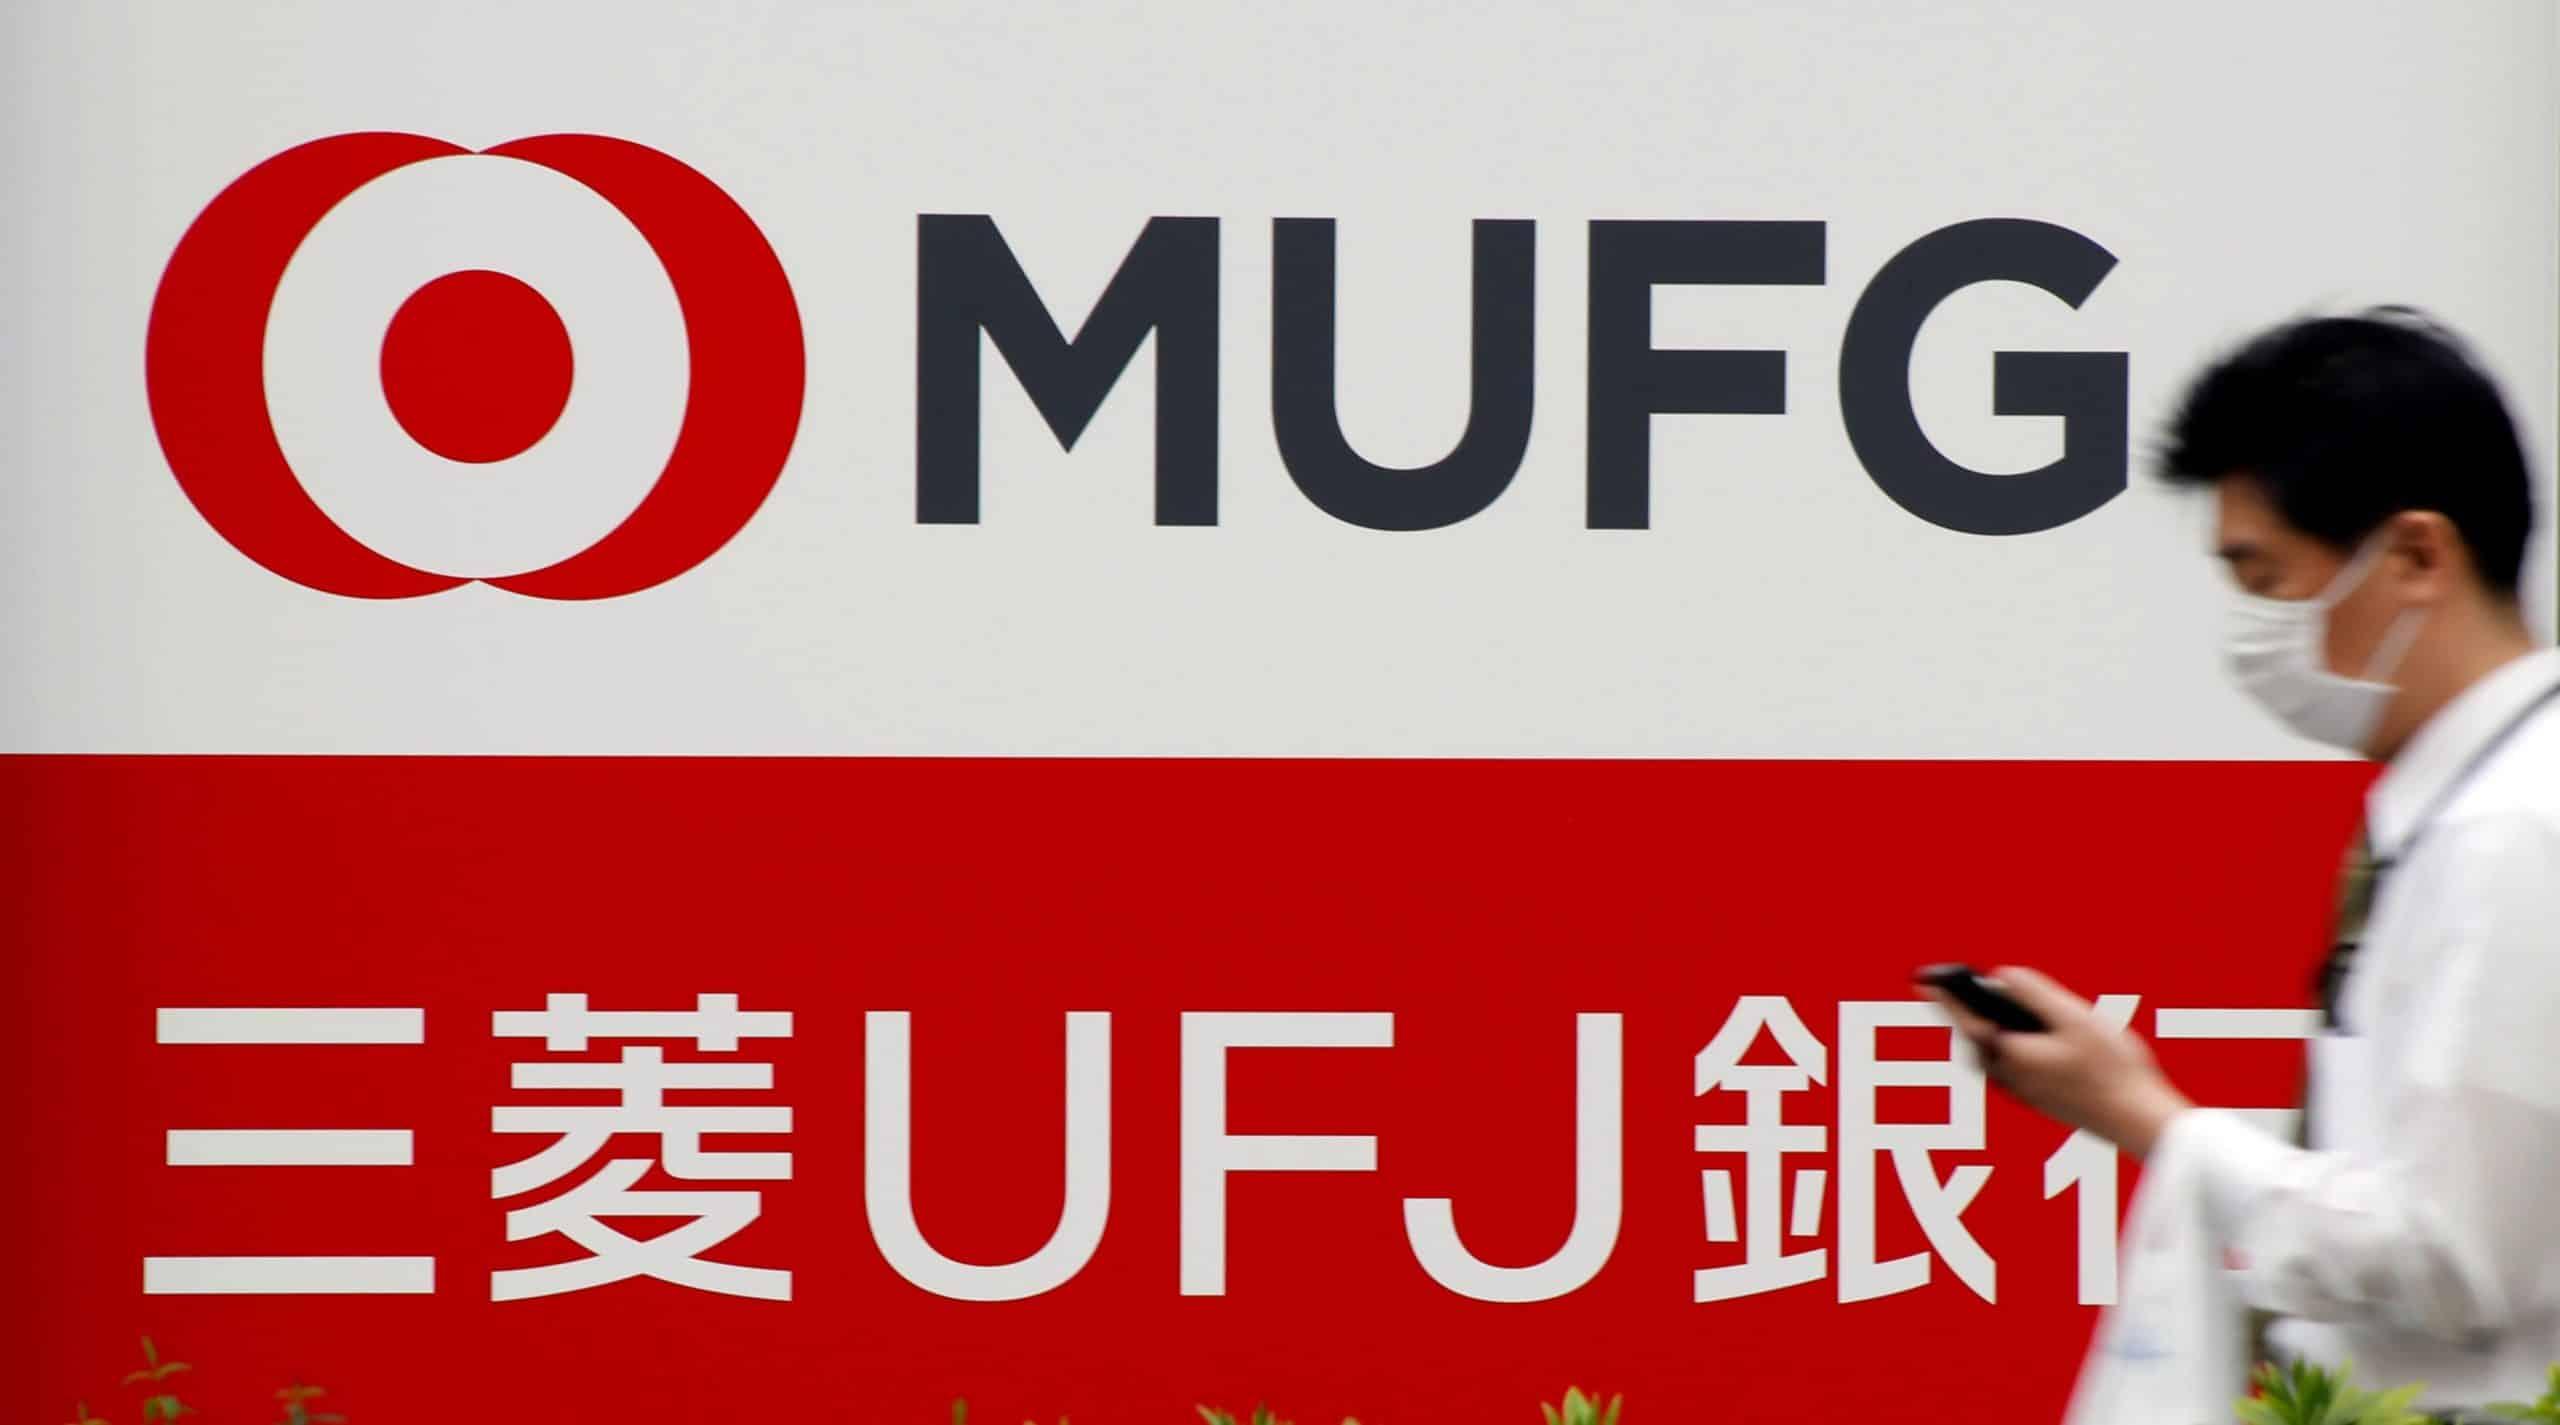 Японский финансовый холдинг запустит собственную криптовалюту.